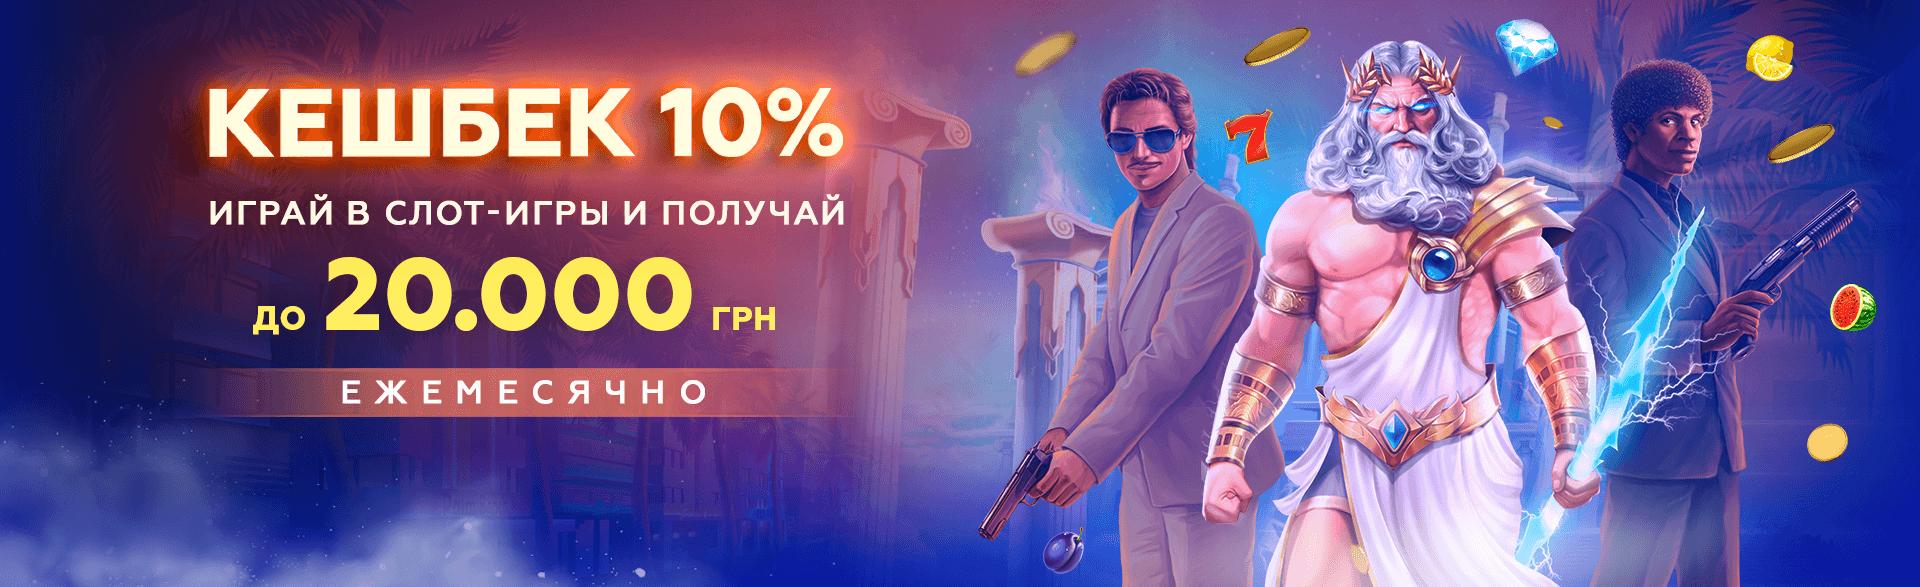 Кешбек 10%